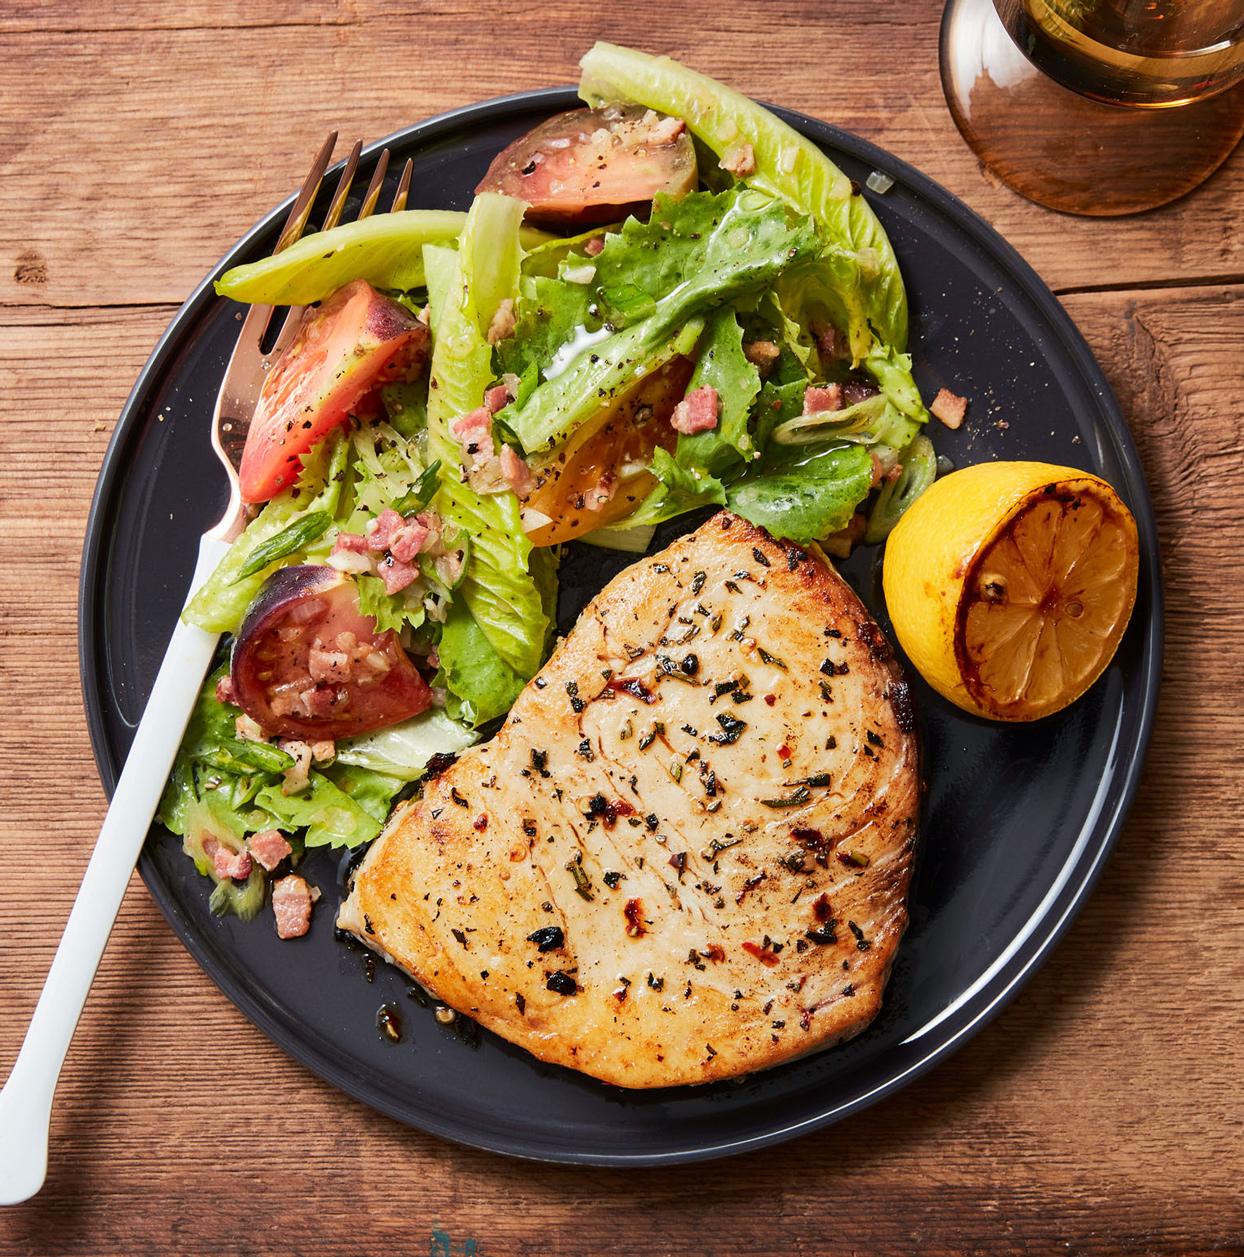 blt salad with grilled swordfish